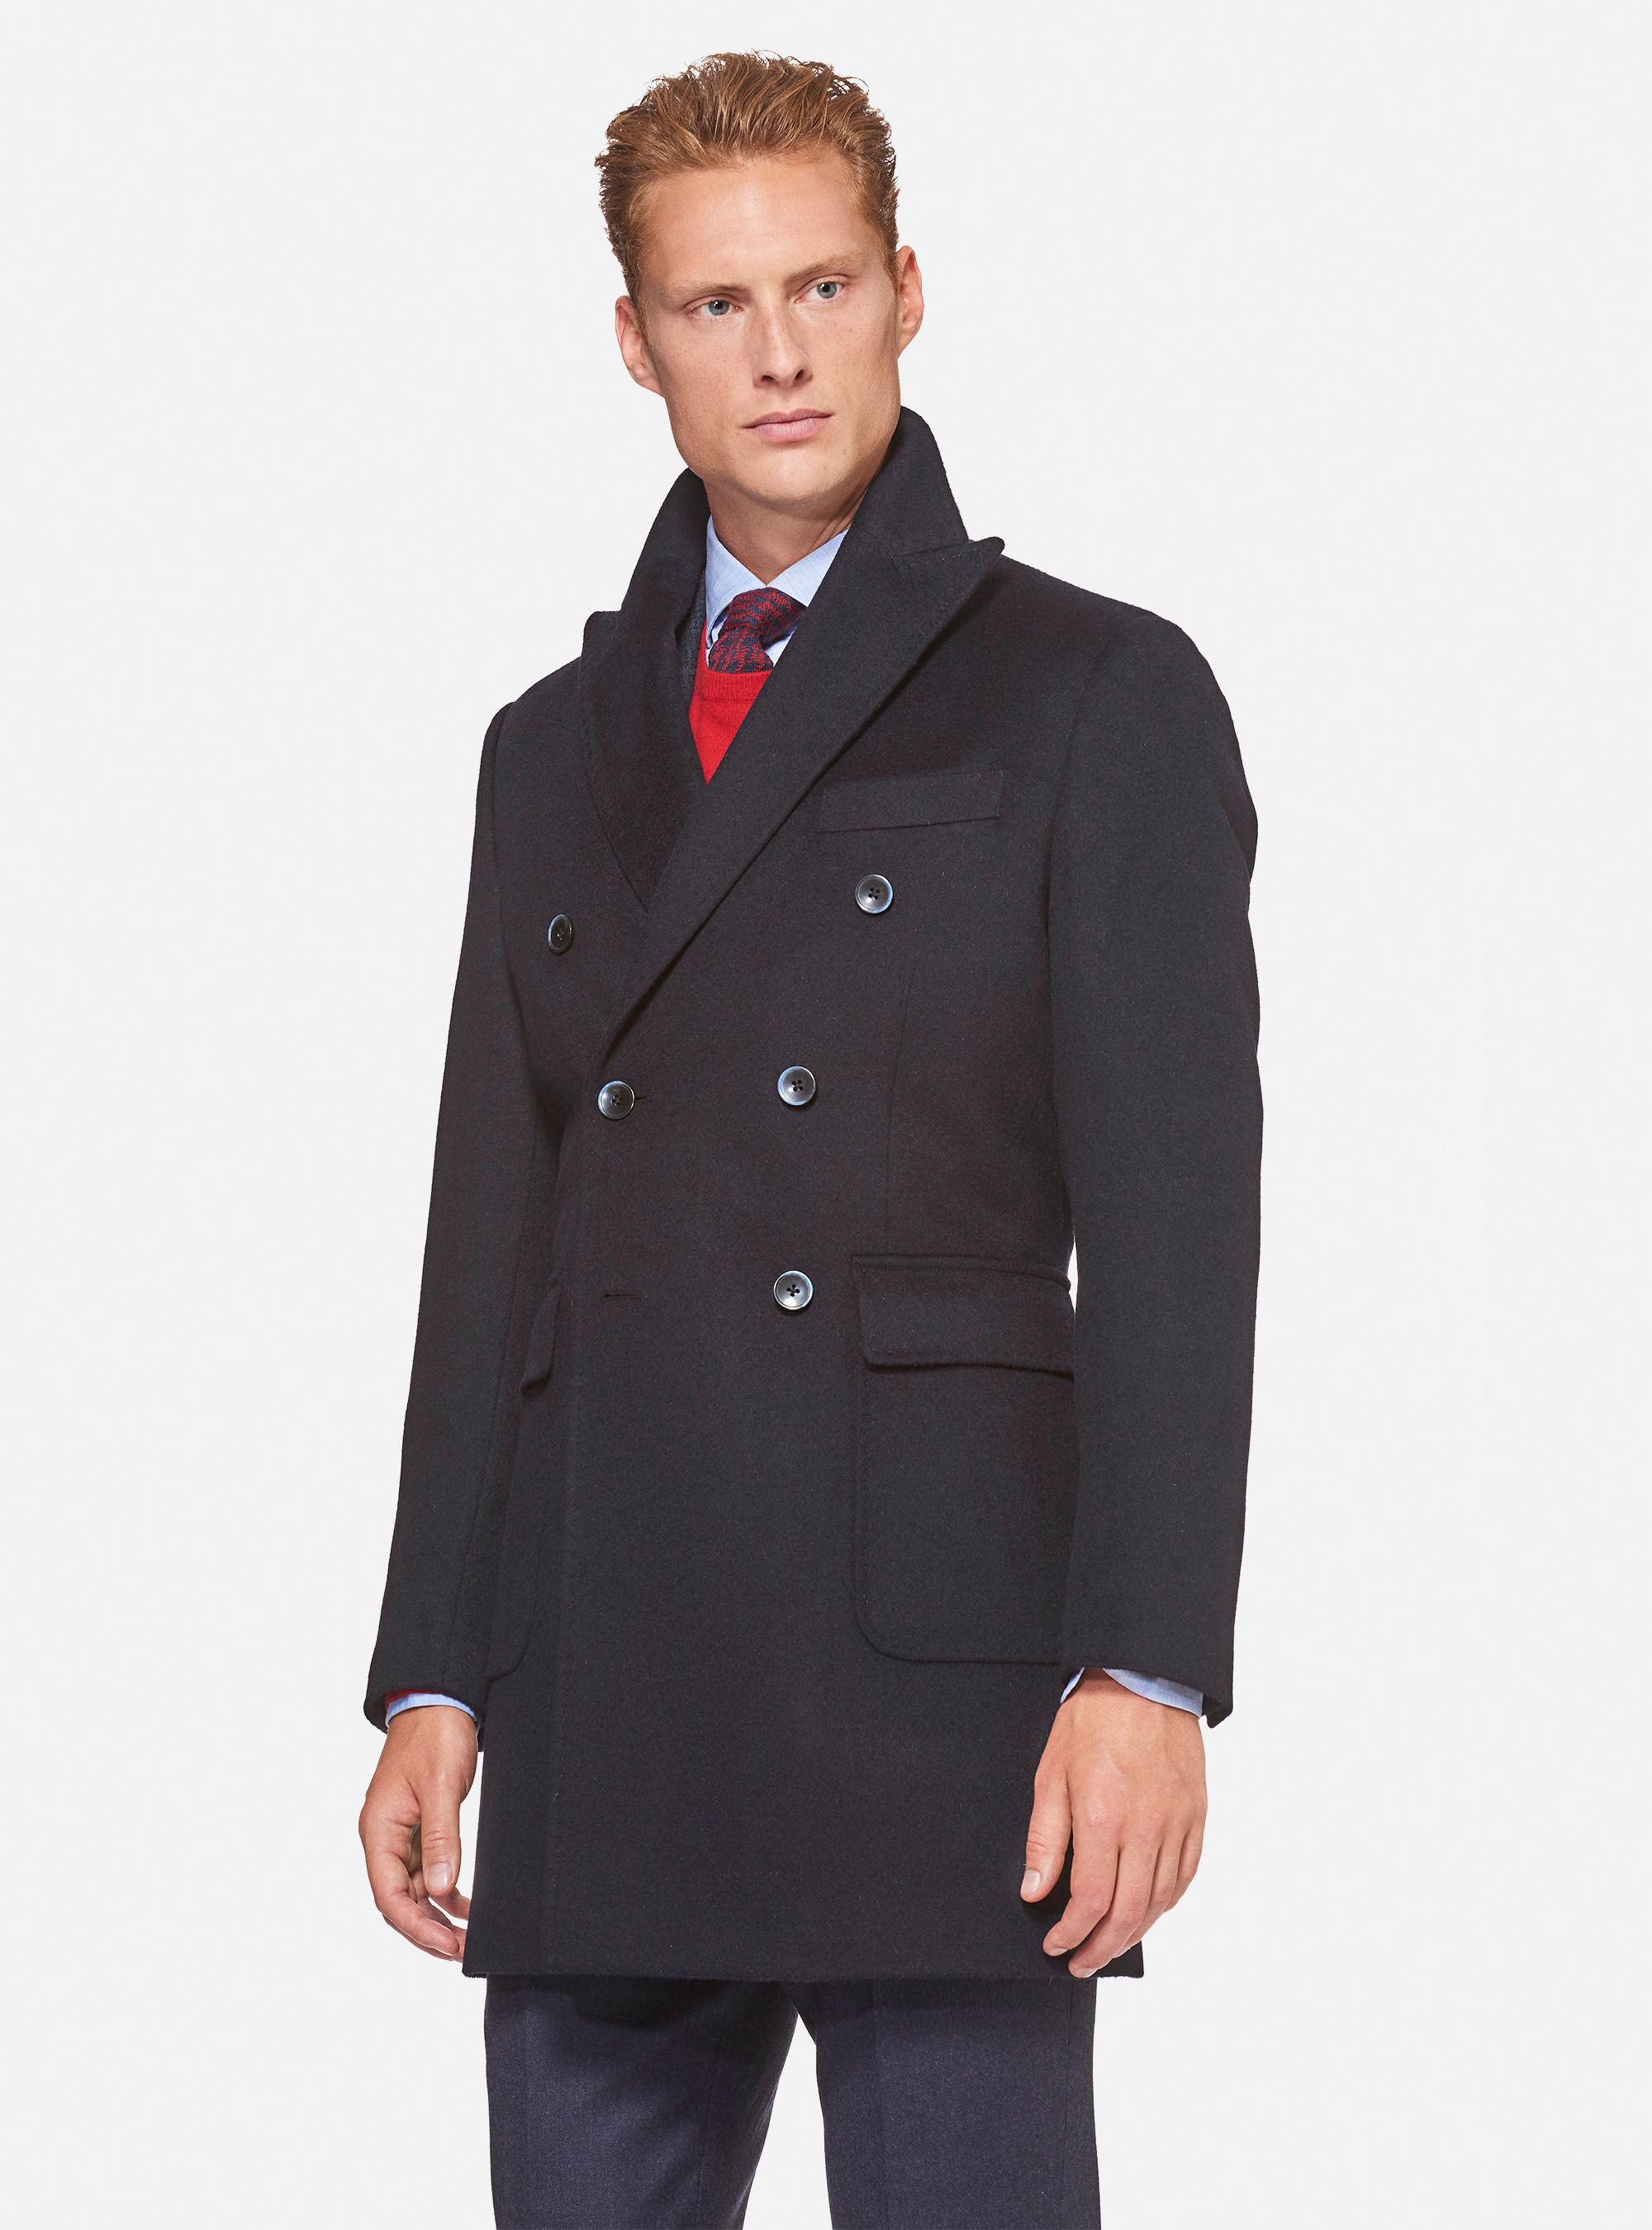 gutteridge cappotti nero uomo